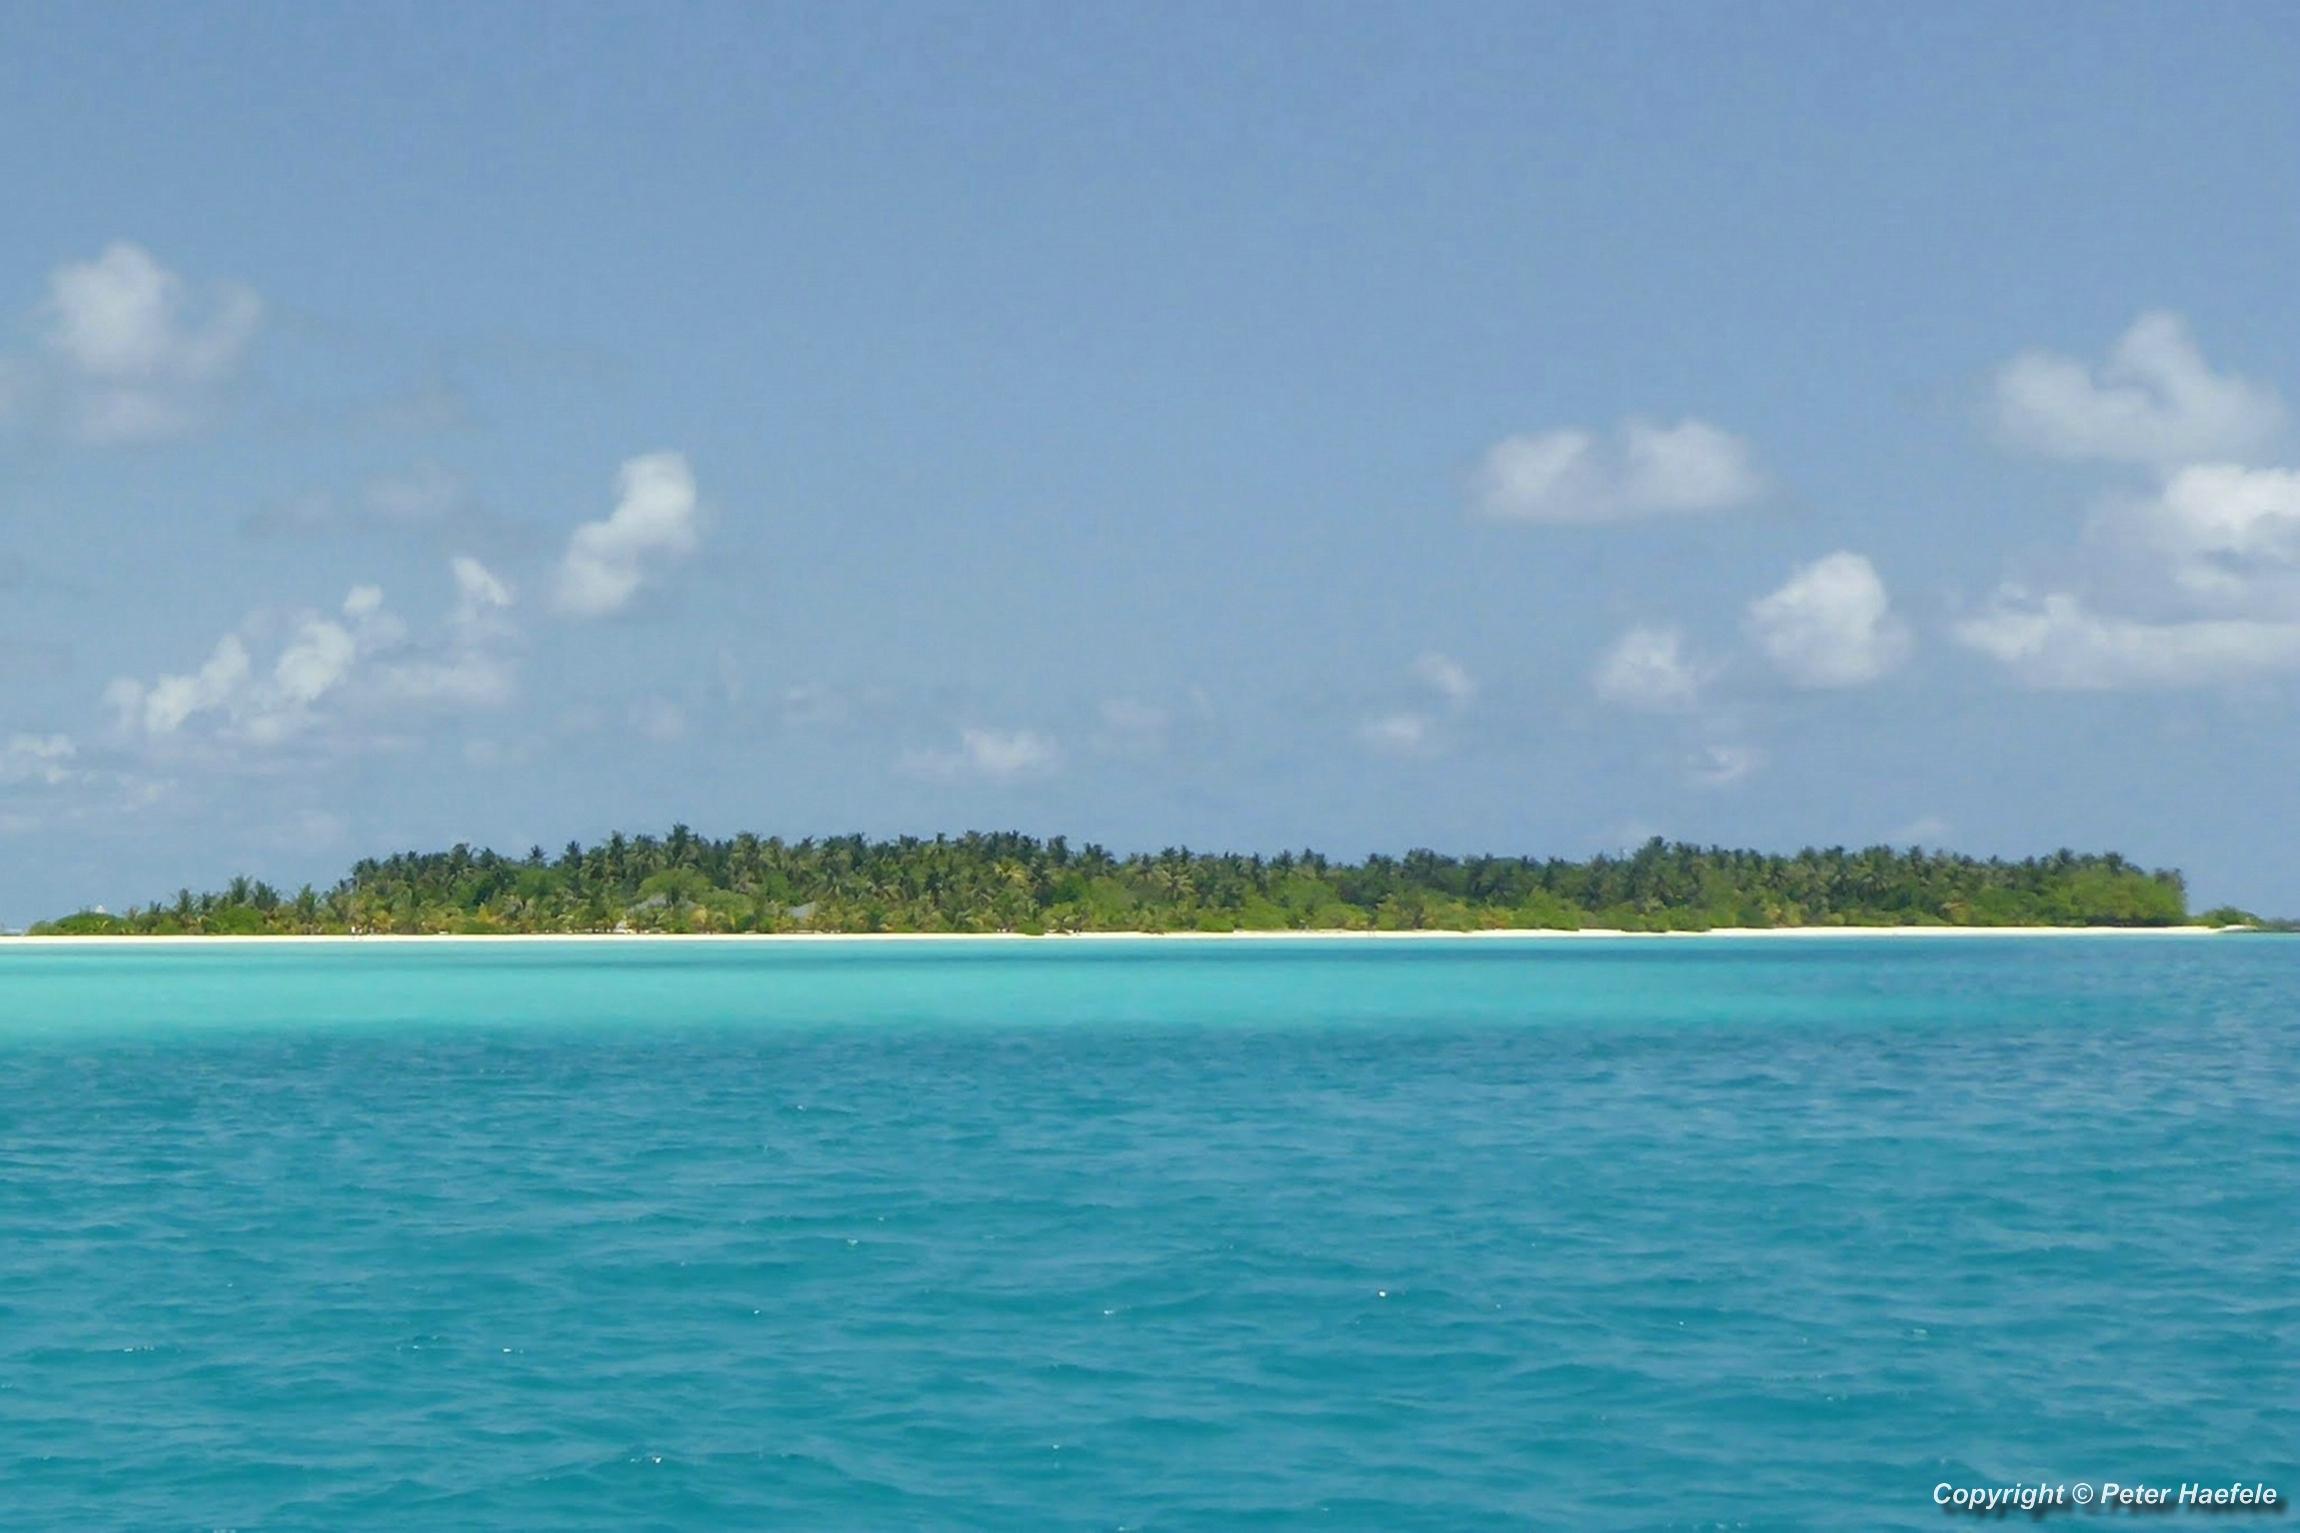 Nalaguraidhoo (Sun Island) im Sued Ari-Atoll